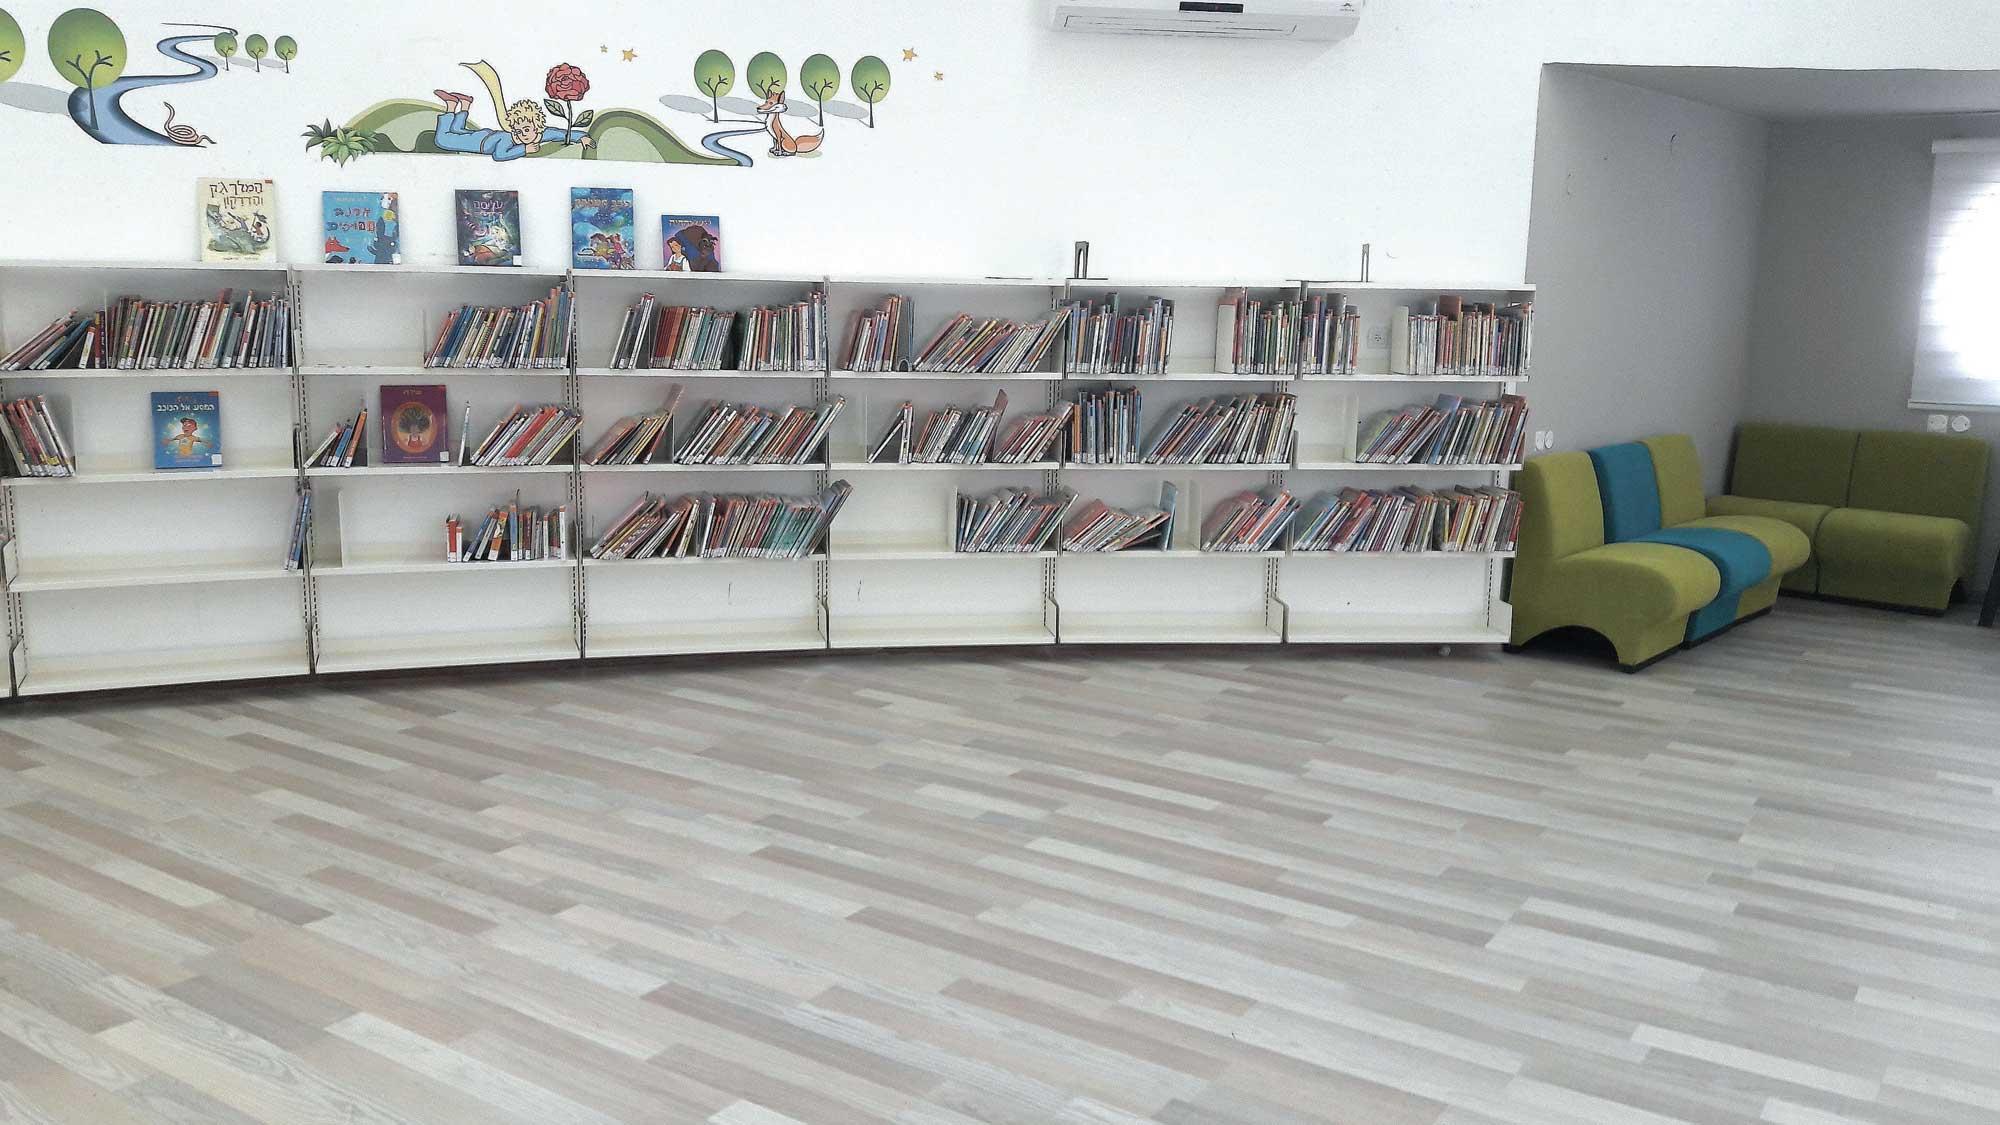 ספריית השחר לקטנטנים. צילום: דוברות העירייה